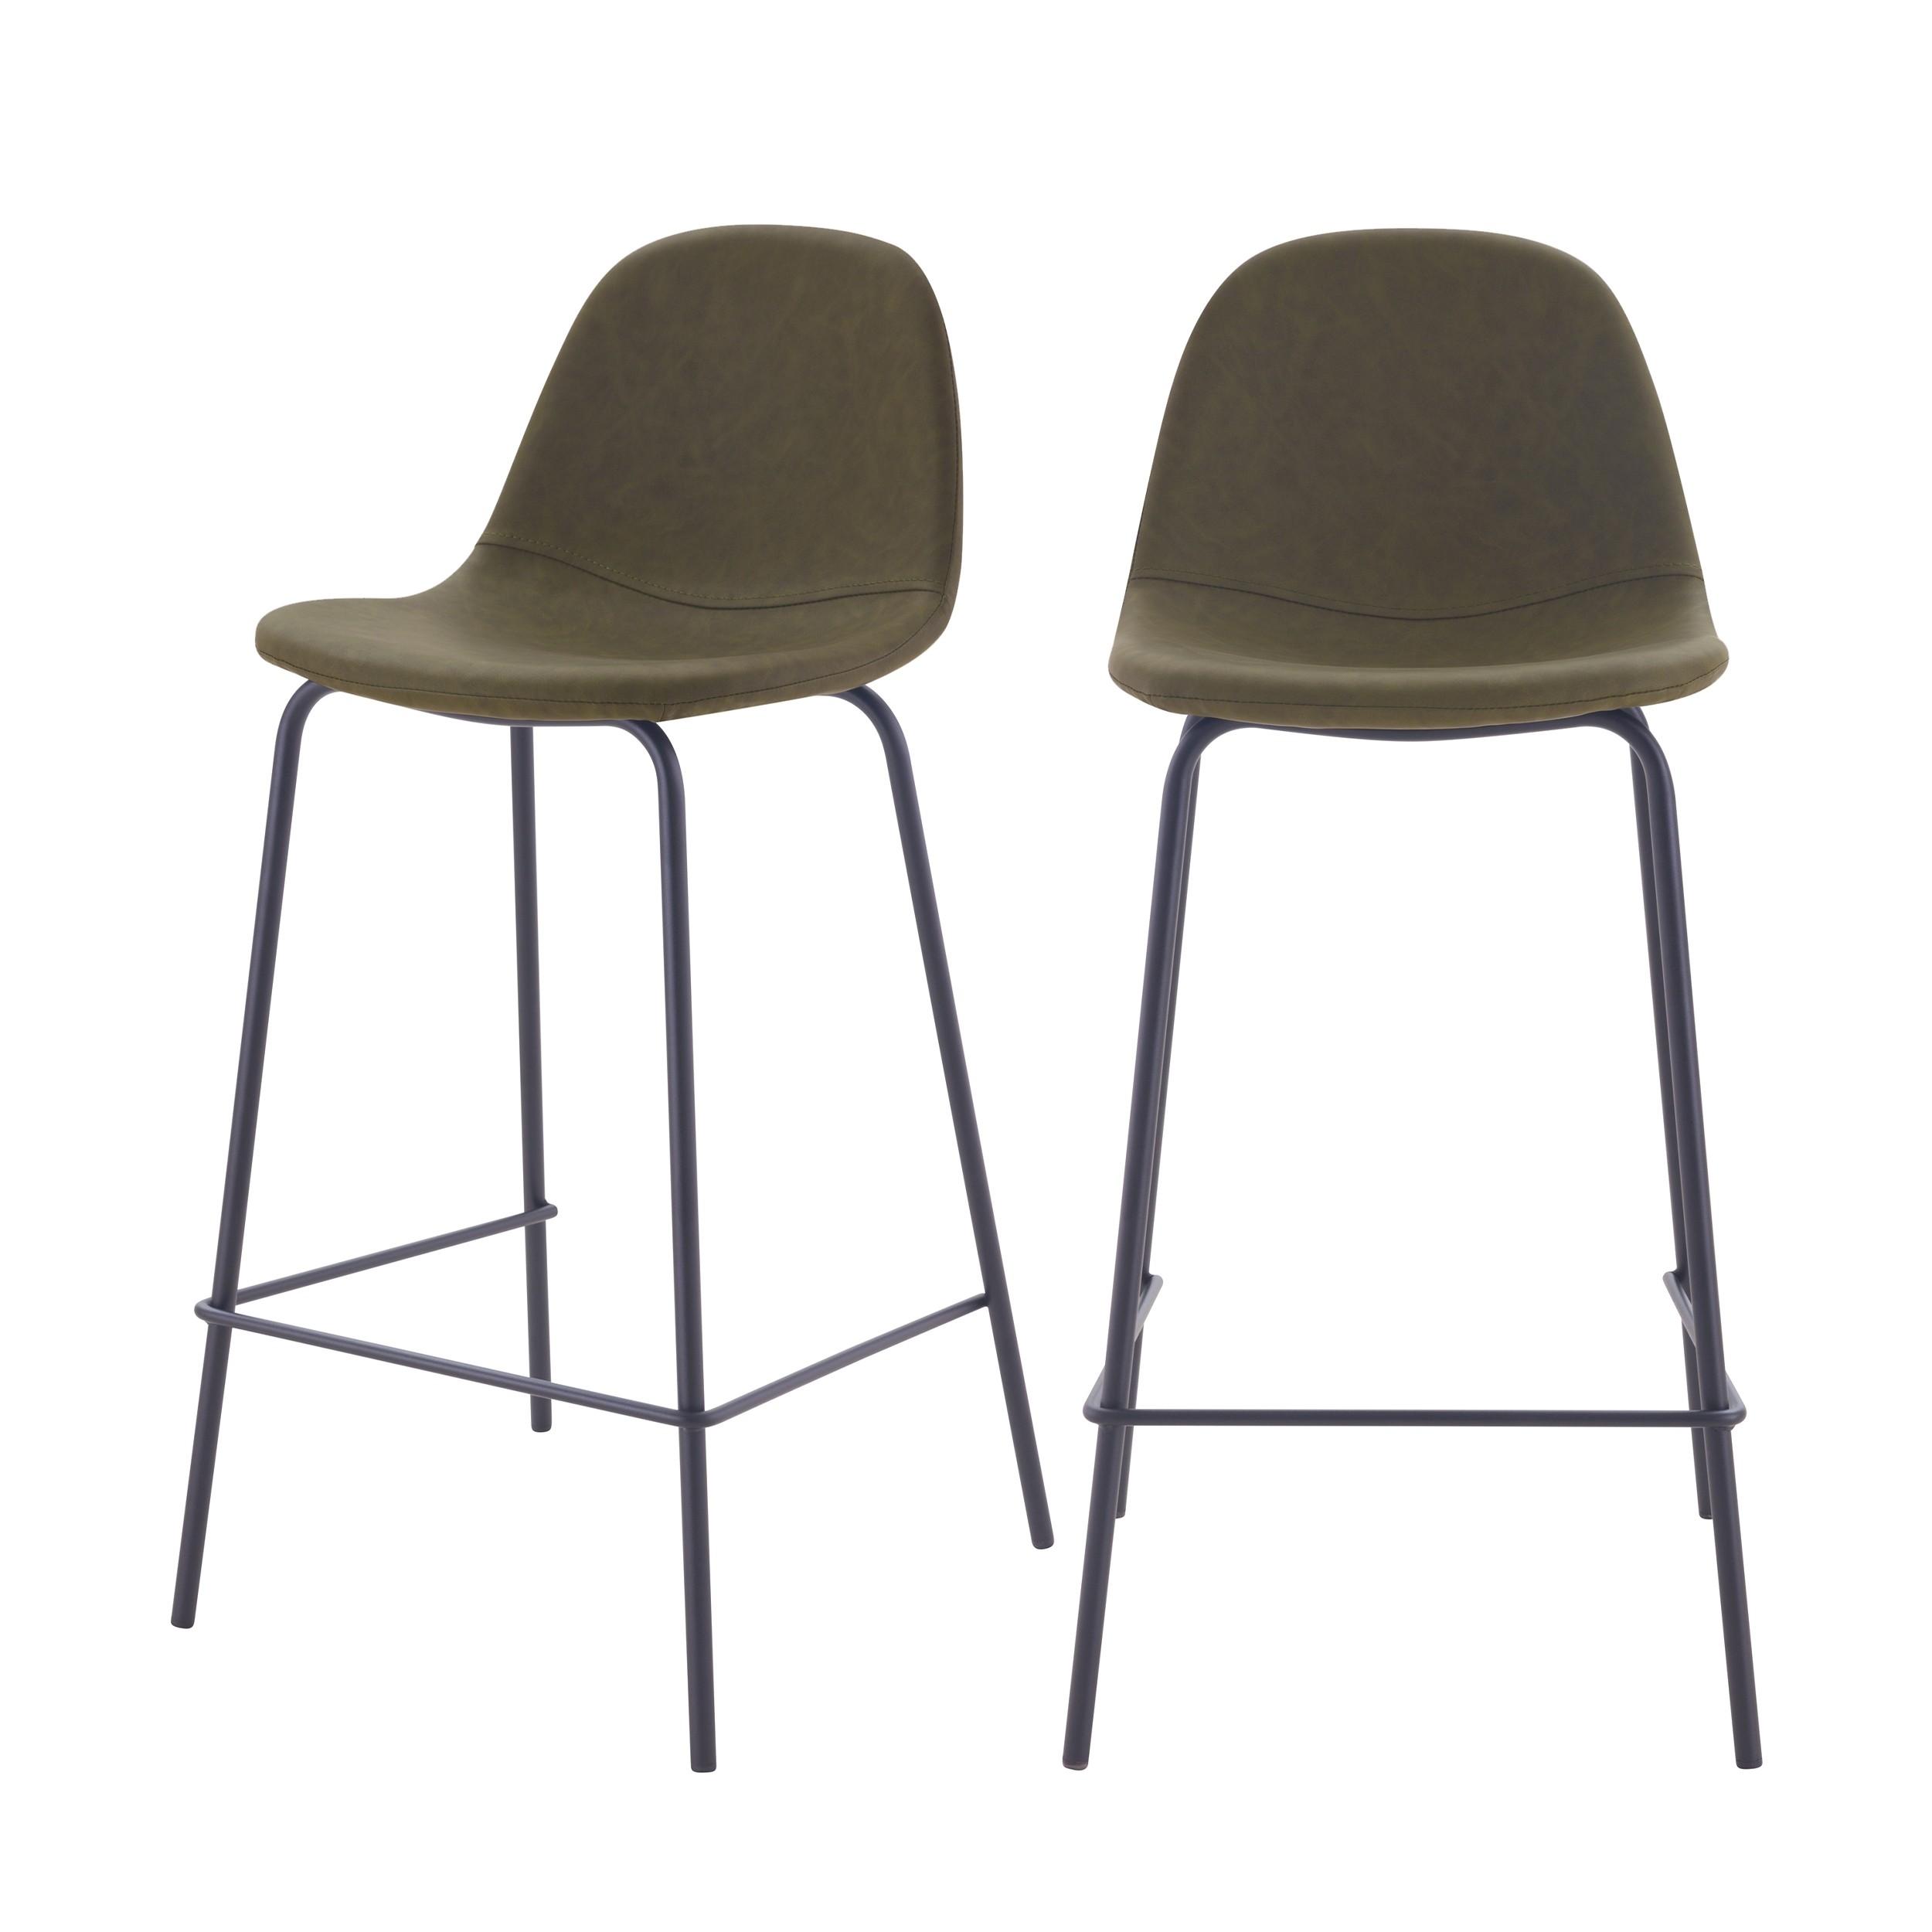 Chaise de bar mi-hauteur Henrik vert kaki 5 cm (lot de 5)